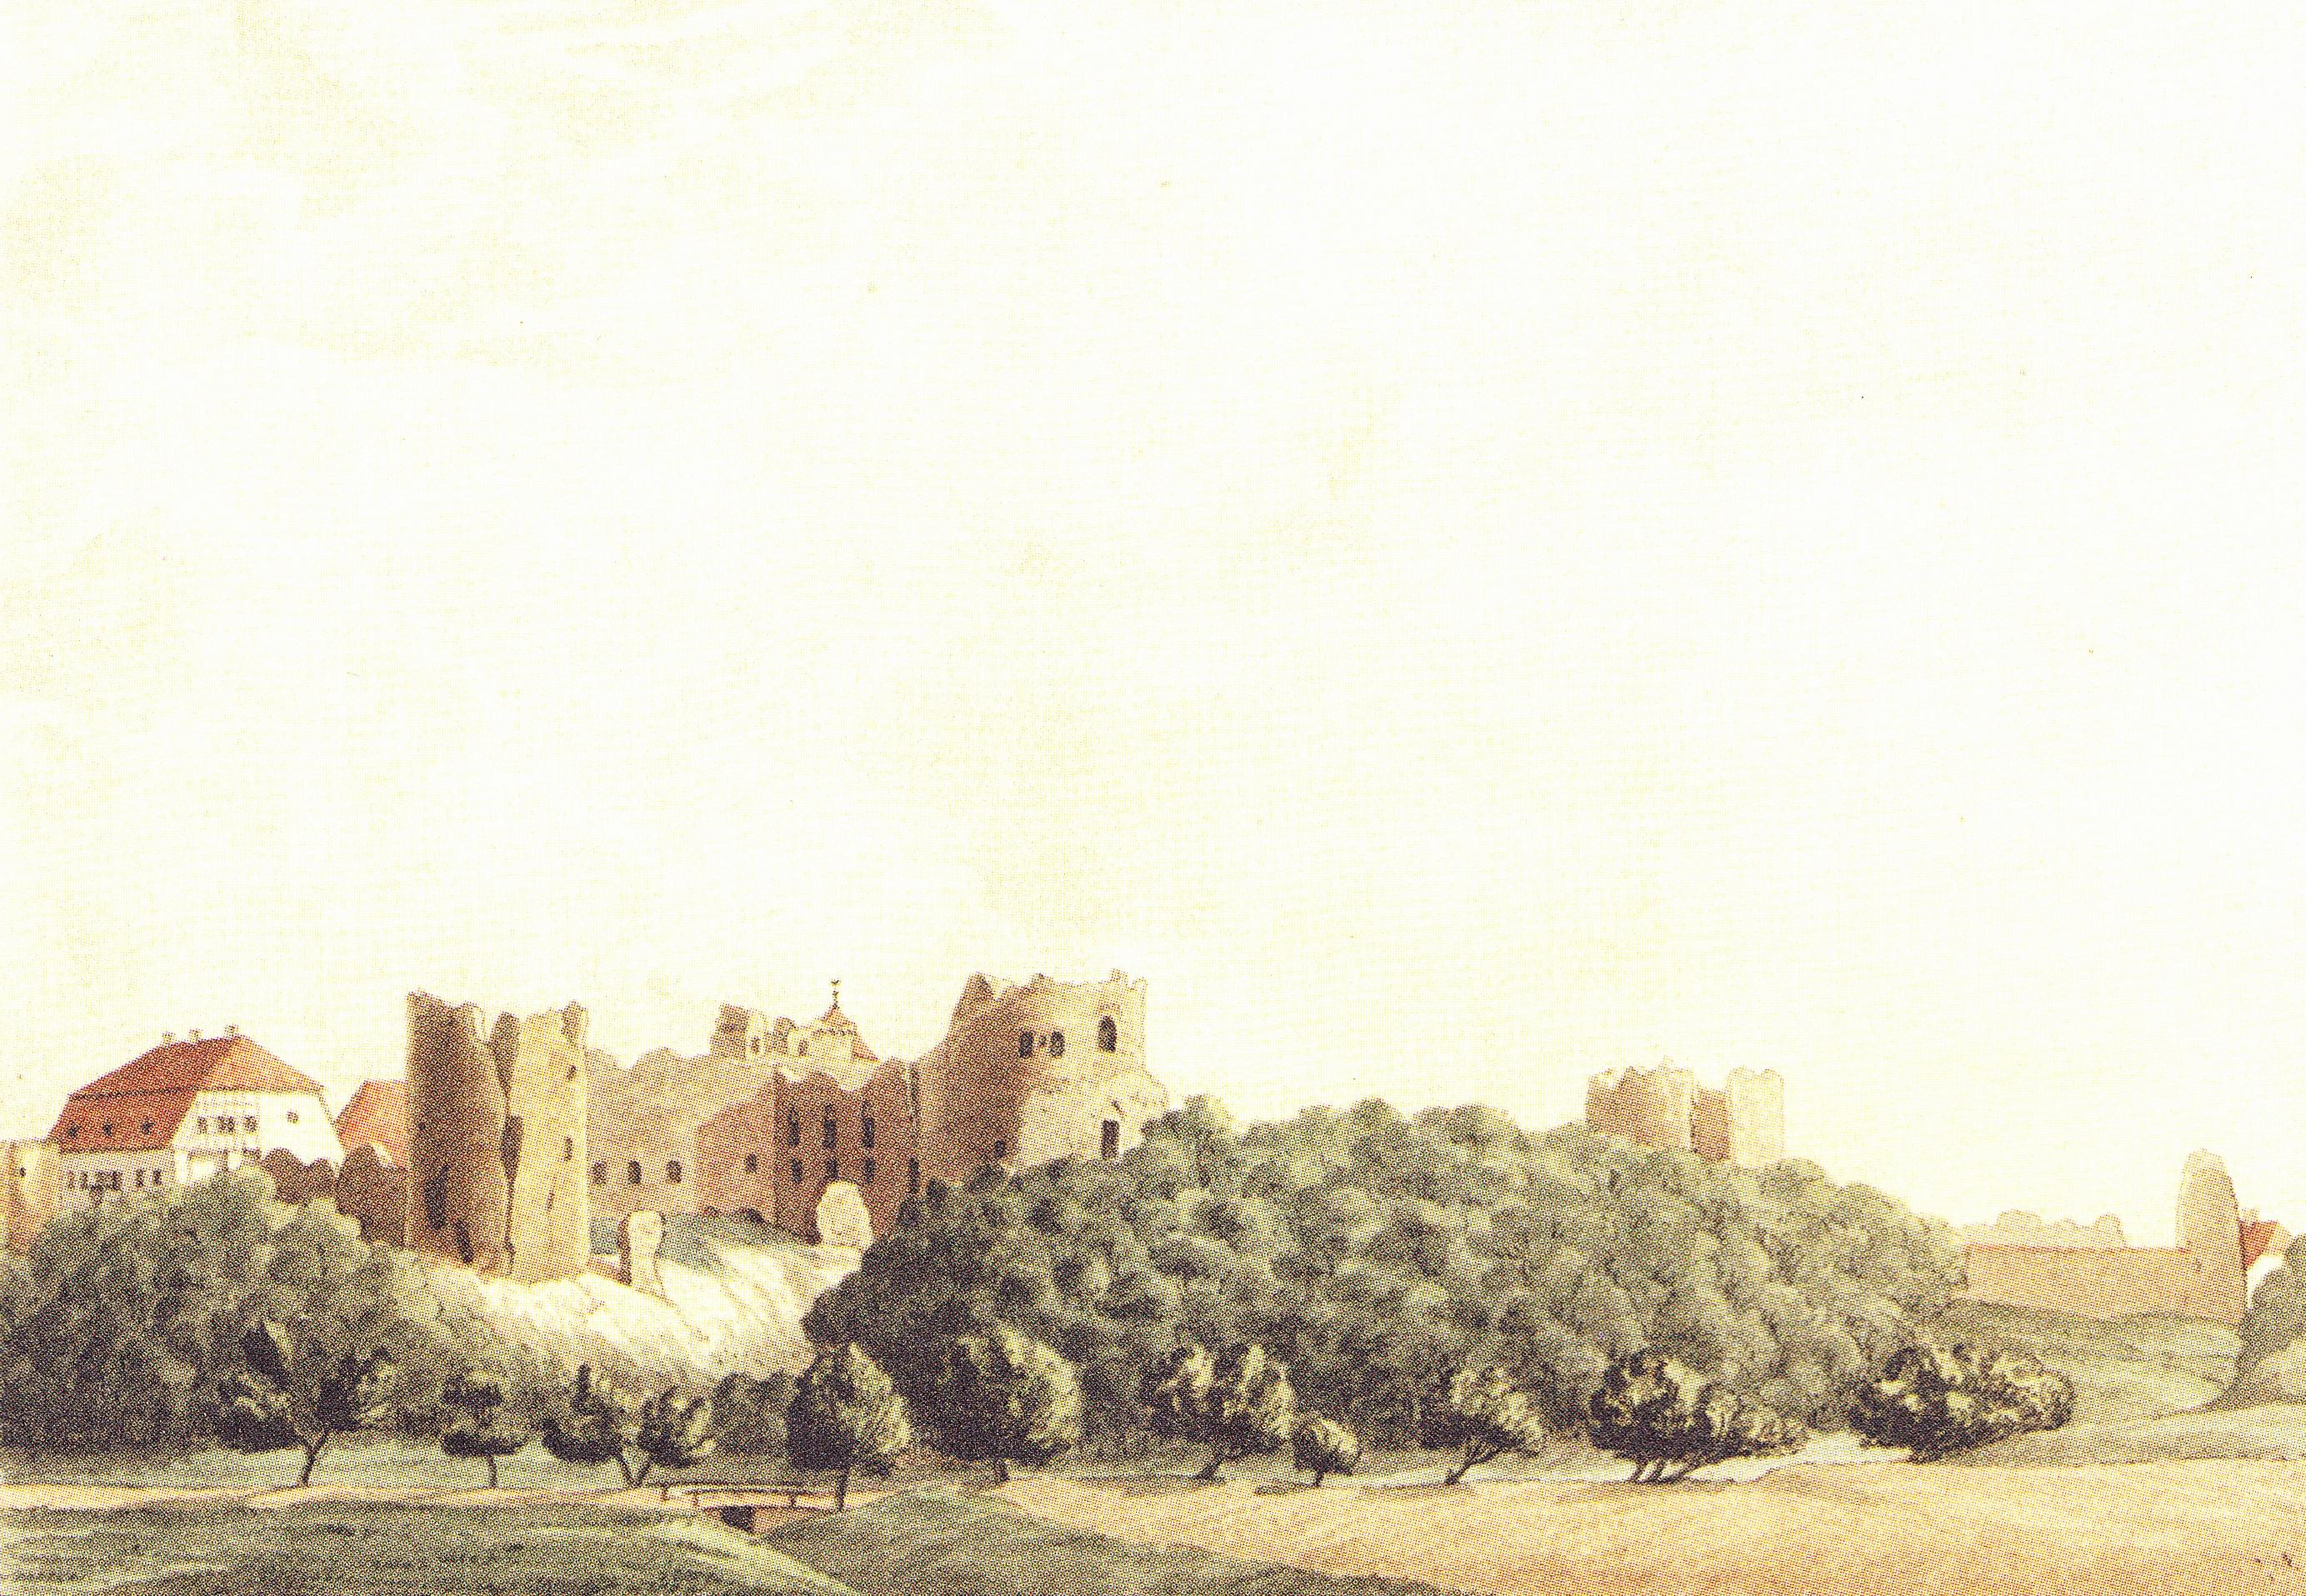 Развалины Цесисского замка. Рисунок В. Туча, Х.Кунце, 1827-30 года.